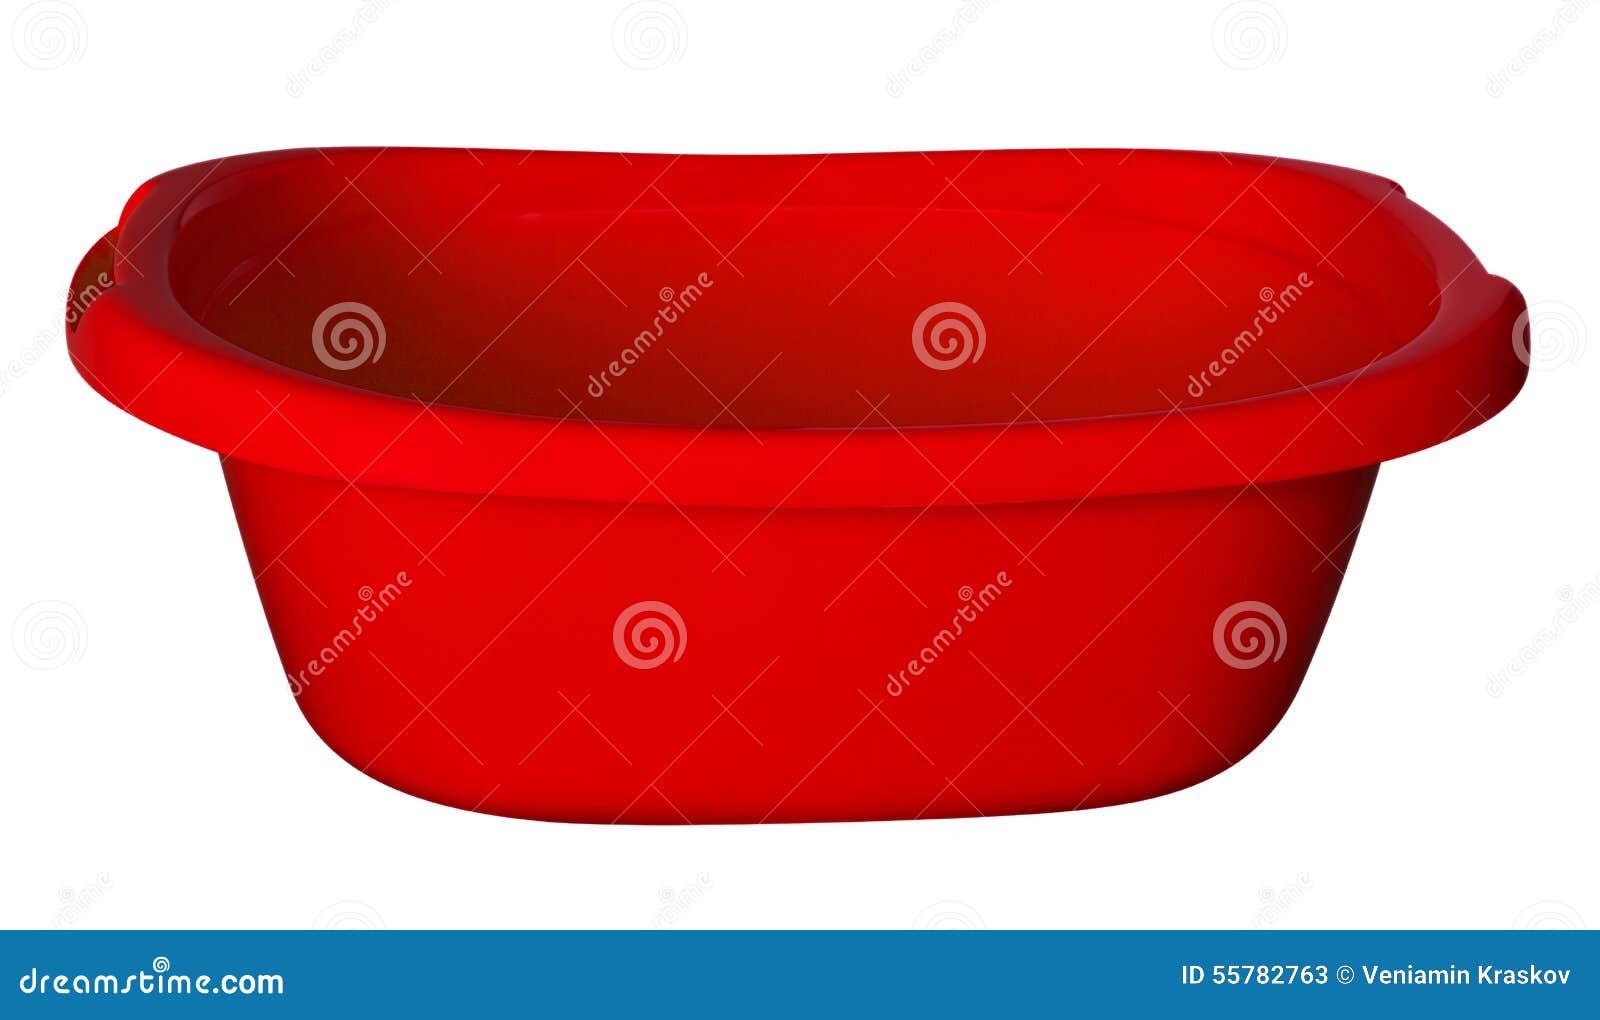 Vasca Da Bagno In Plastica : Vasca da bagno rosso immagine stock. immagine di vaschetta 55782763